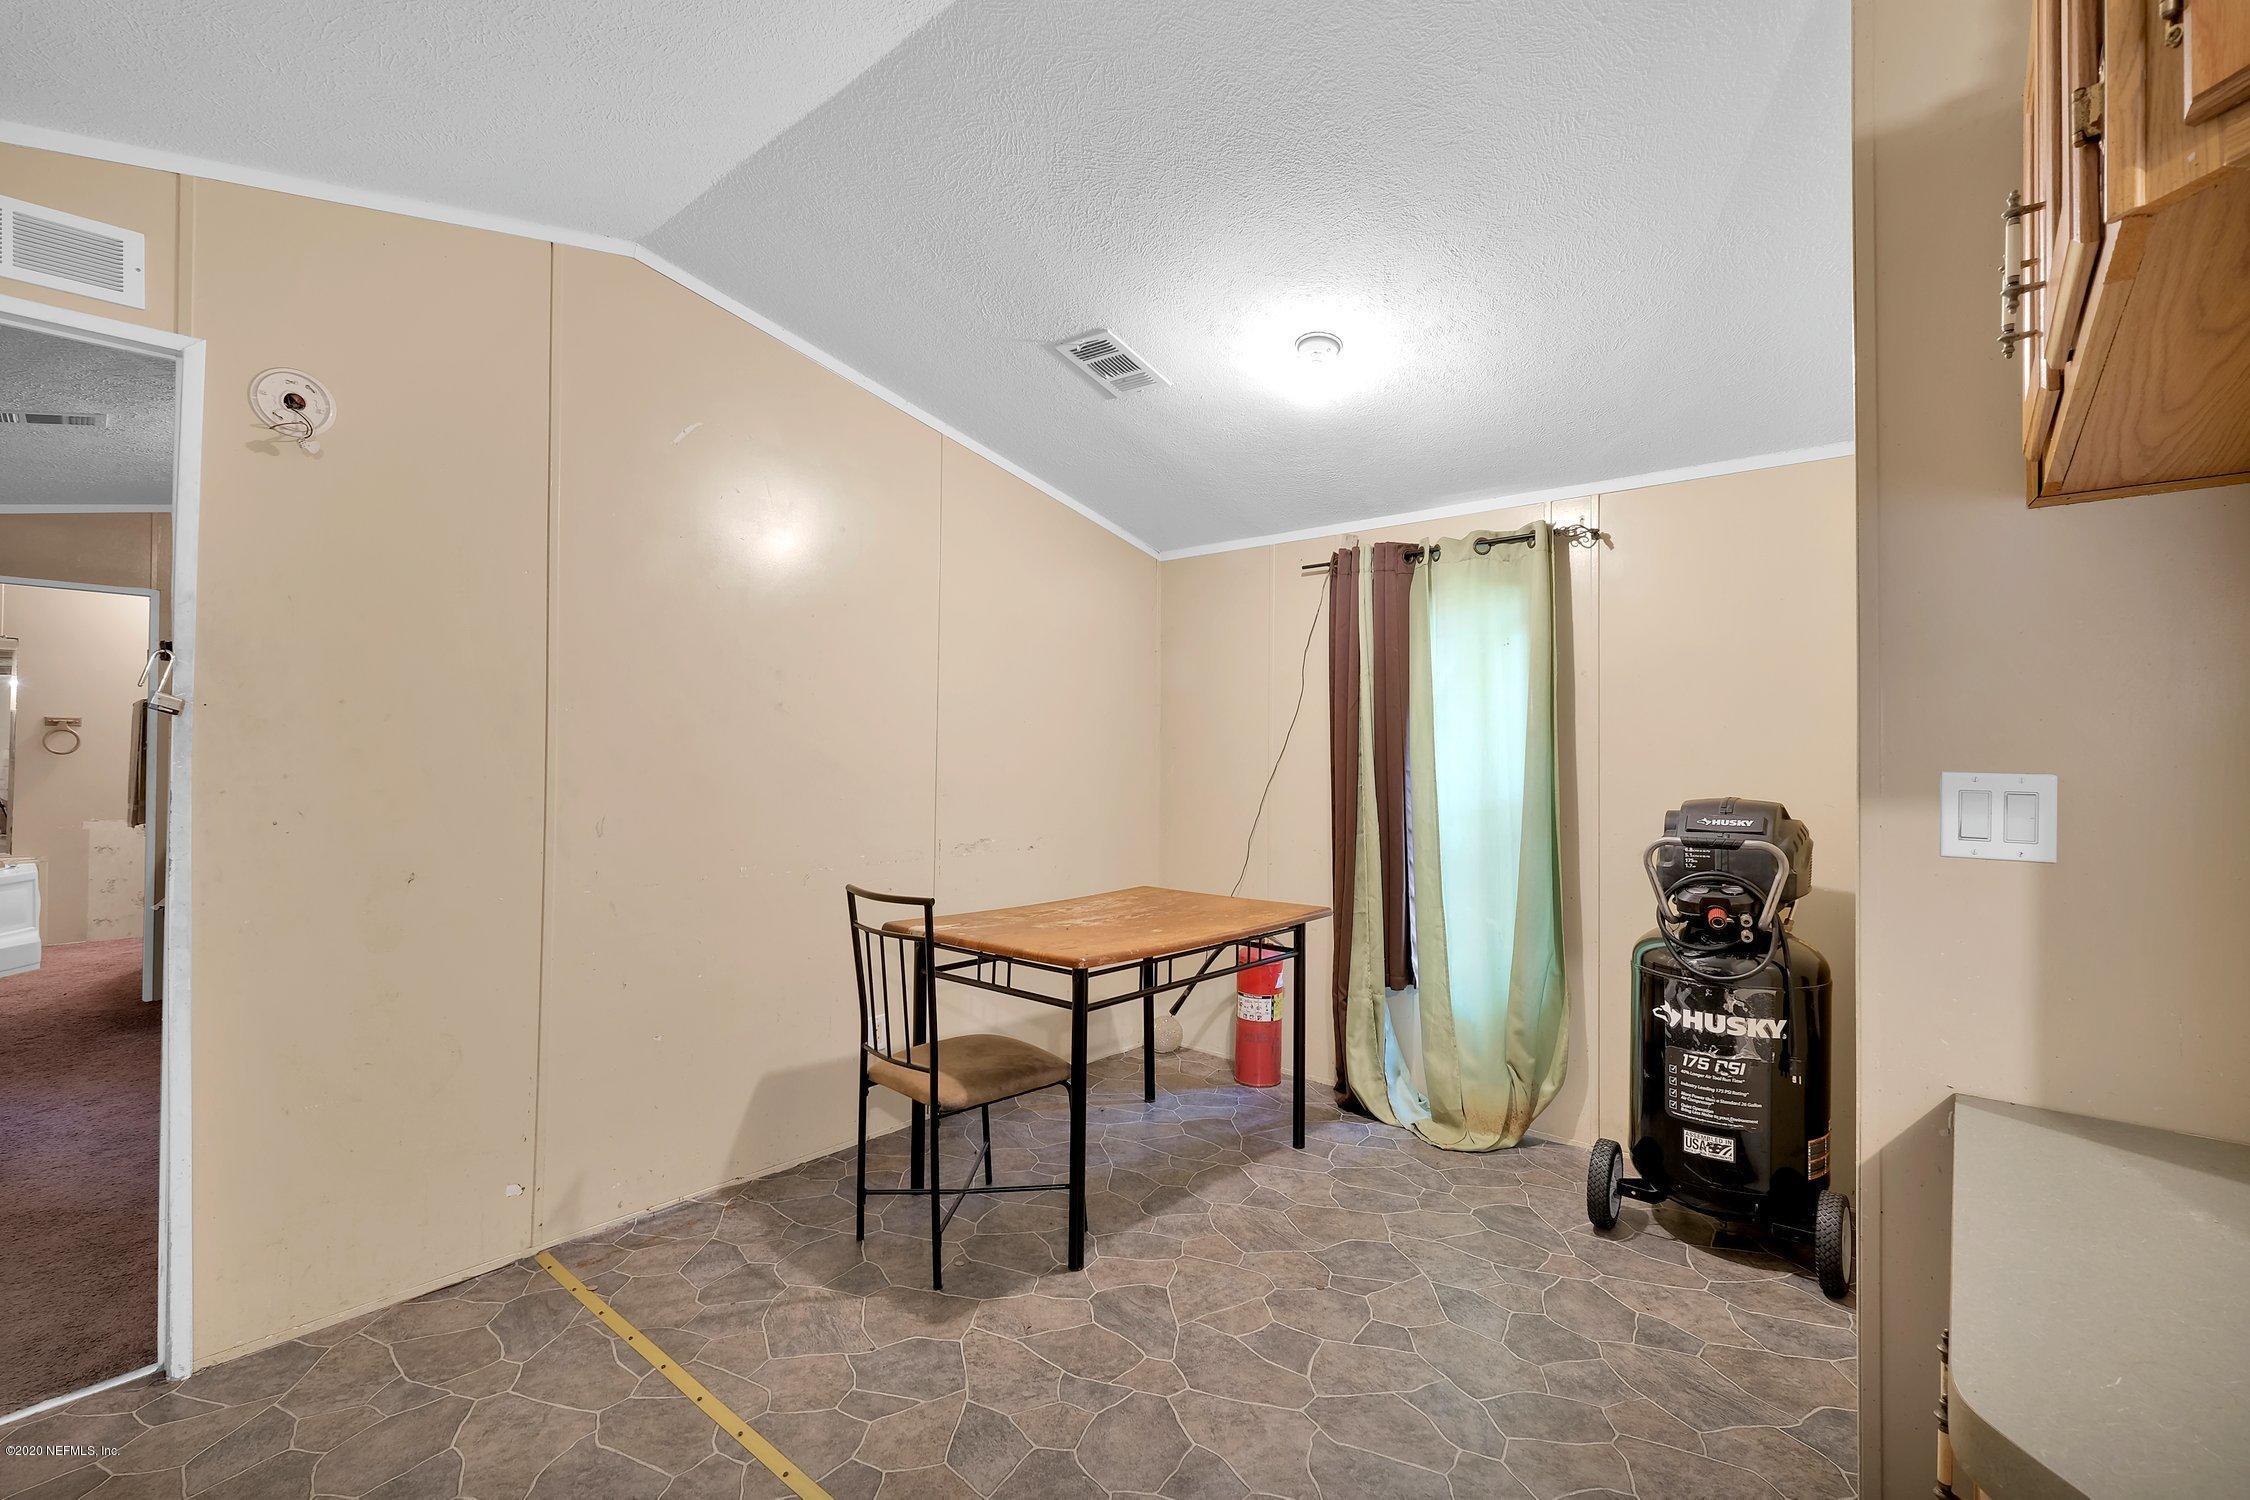 5546 KANKAKEE, JACKSONVILLE, FLORIDA 32254, 3 Bedrooms Bedrooms, ,2 BathroomsBathrooms,Residential,For sale,KANKAKEE,1080038